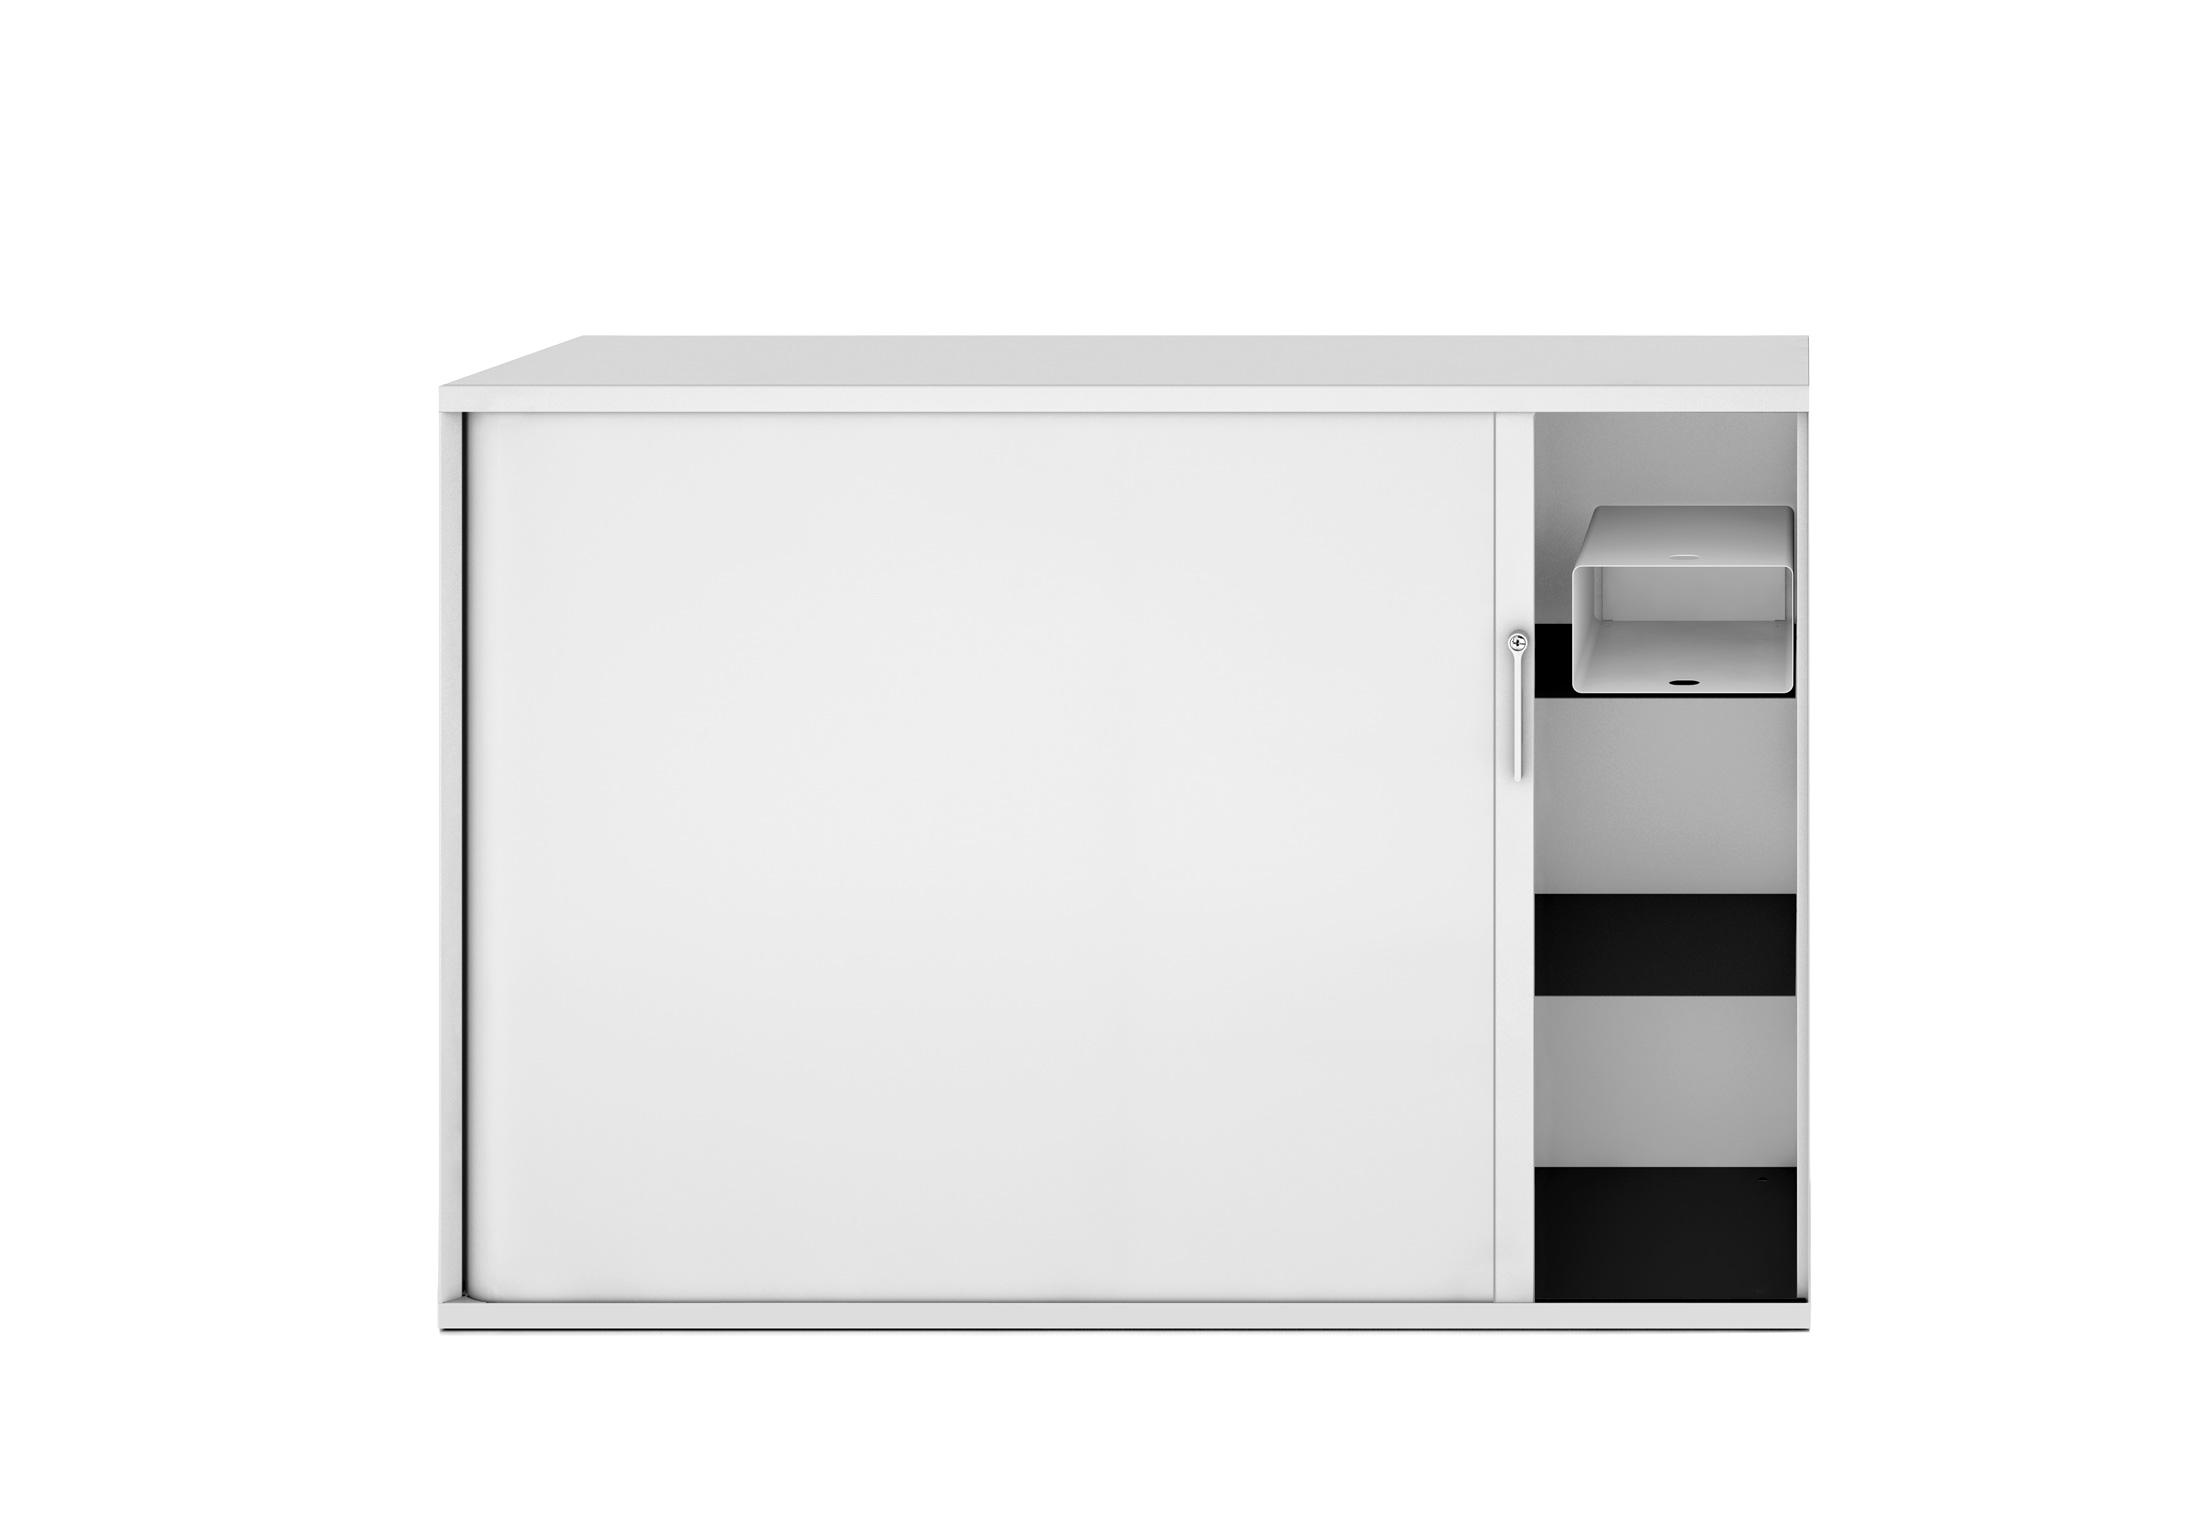 Timber veneer kitchen tambour doors tambortech - One Tambour Doors Storage Units Skin